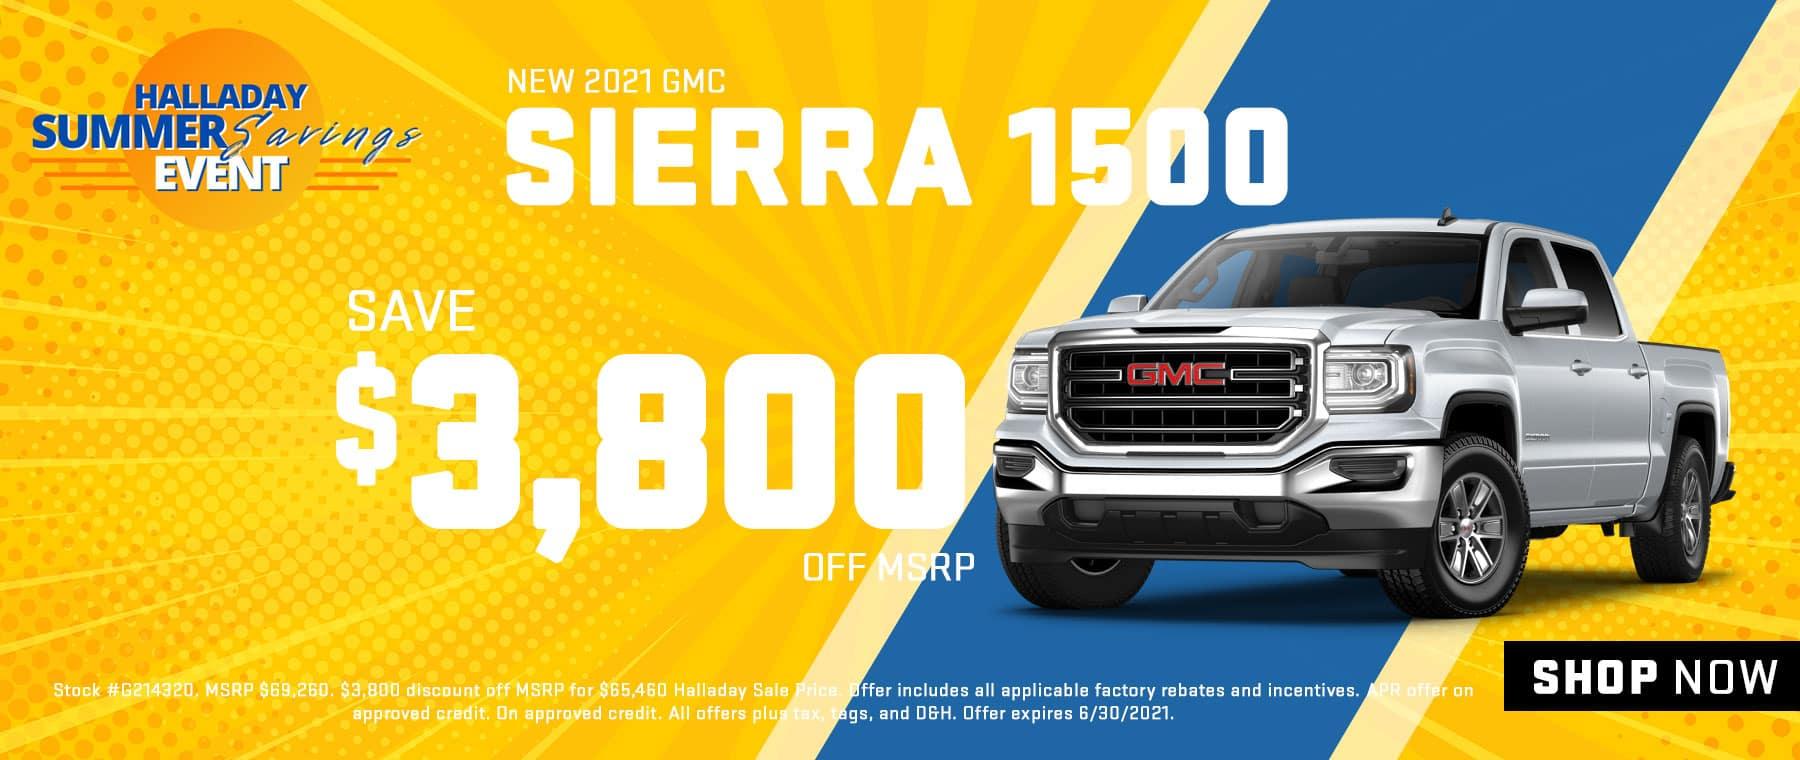 HM-GM-TEMPLATE-DI-SIERRA-1500